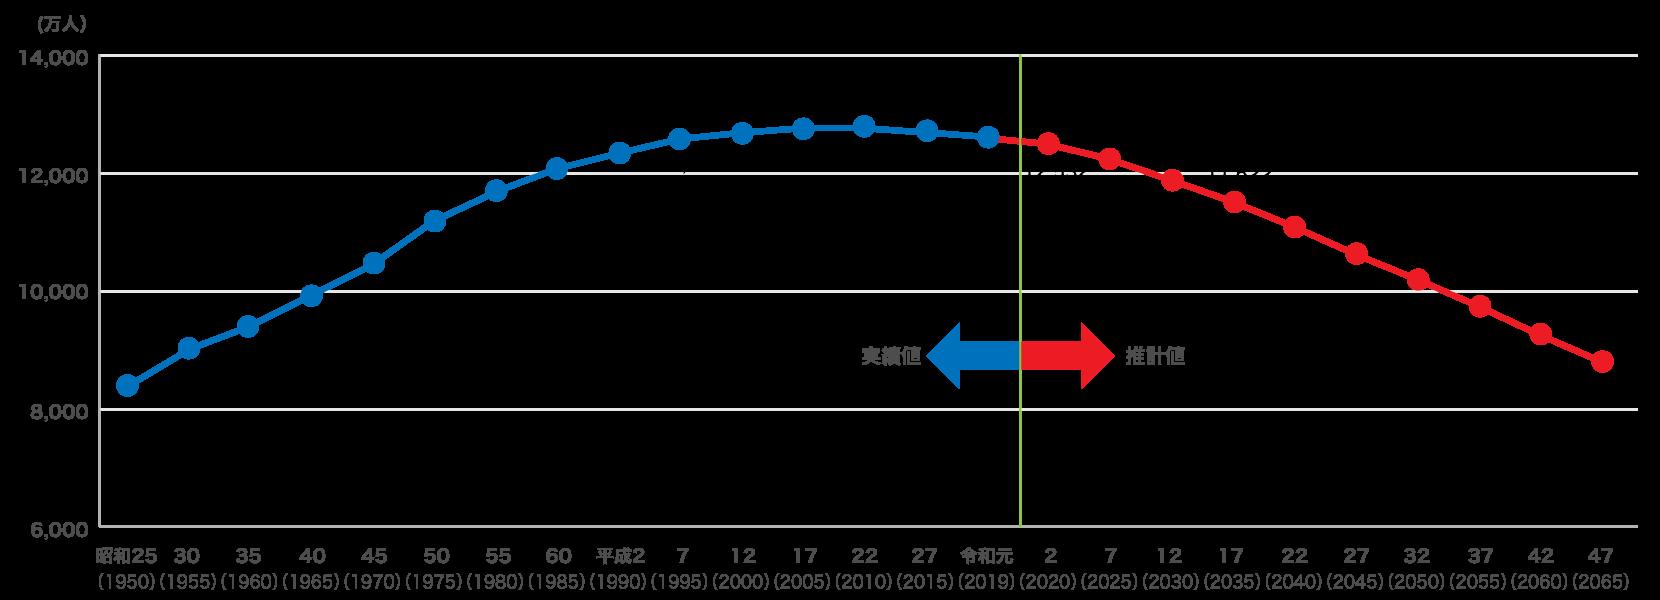 日本の総人口推移と将来推計